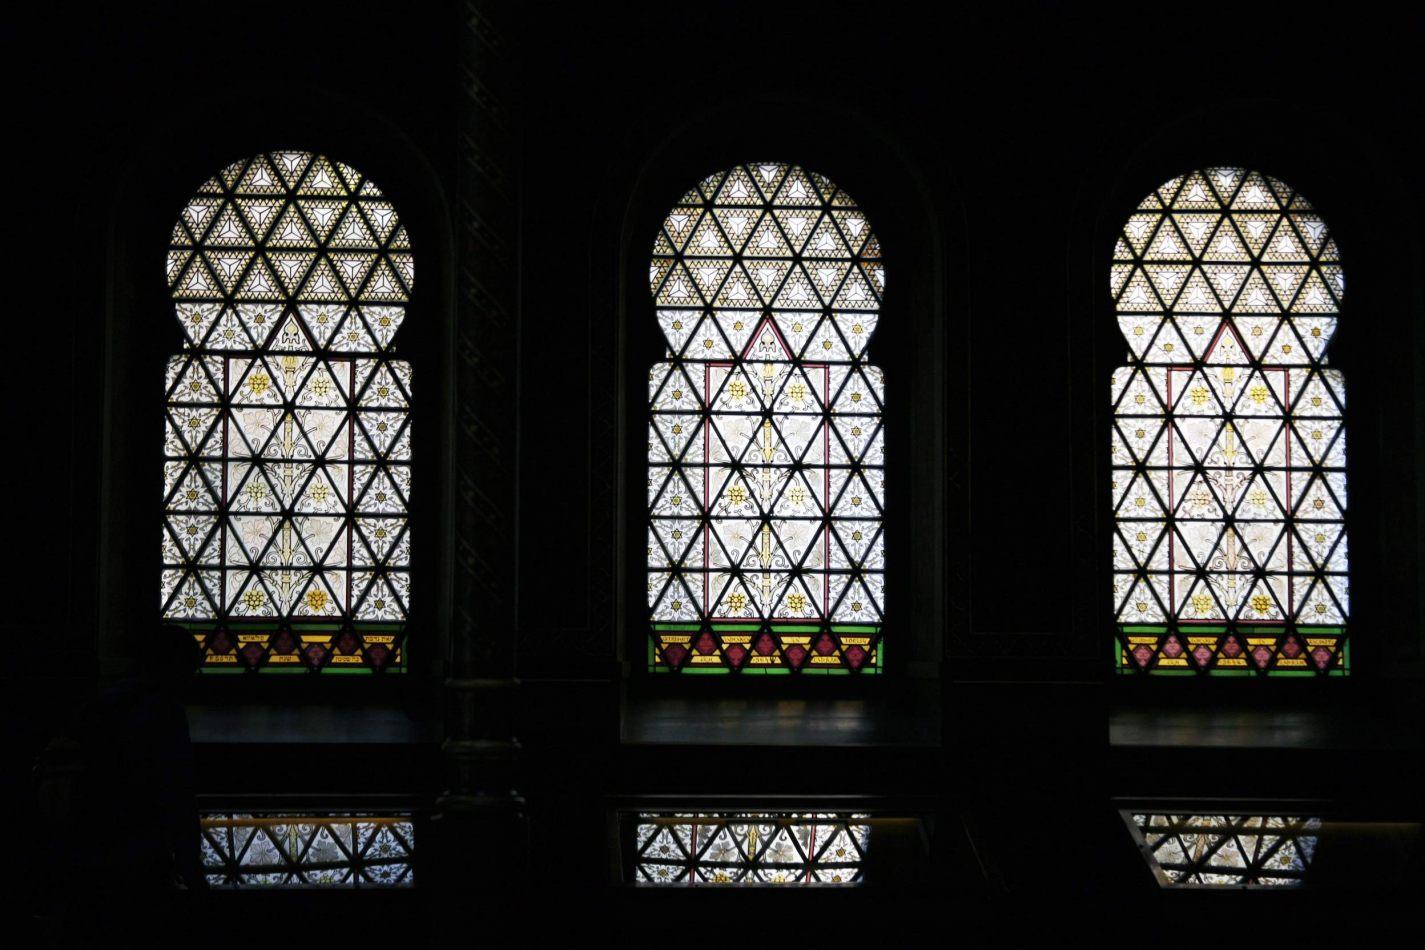 Anthony Ellis Photography: Symphonia - Three Wise Windows